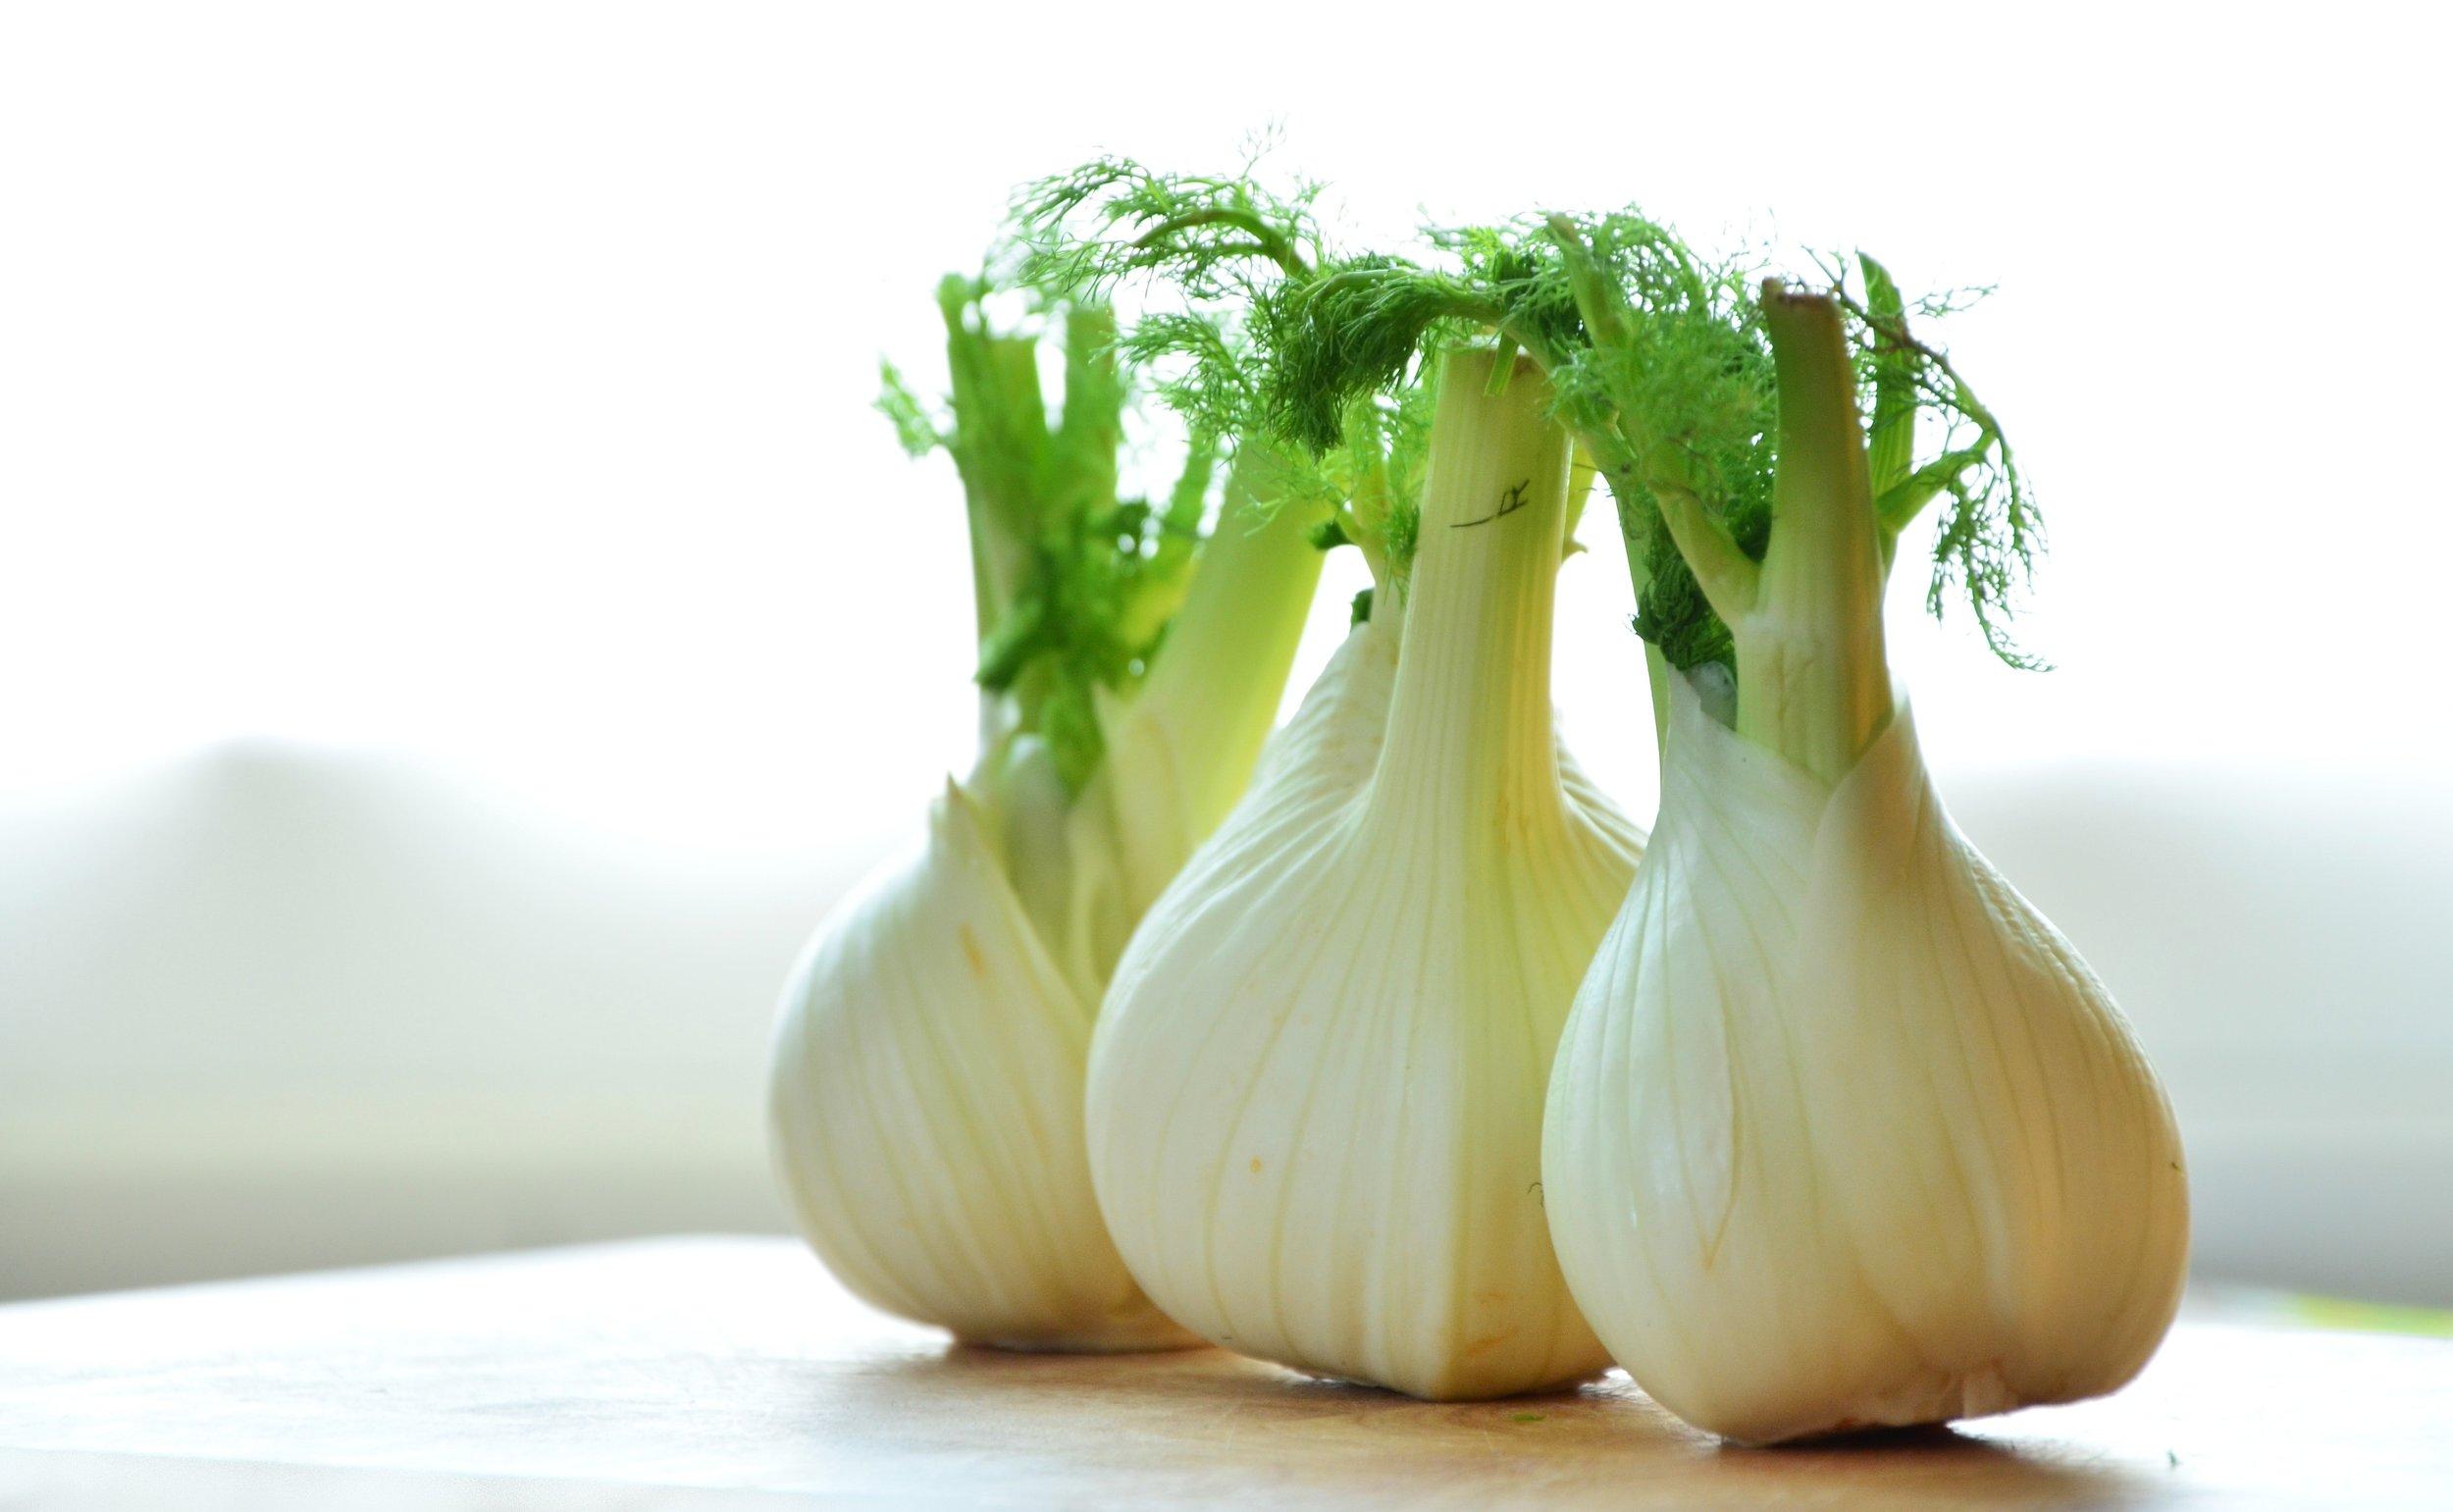 close-up-fennel-fennel-bulb-159471.jpg